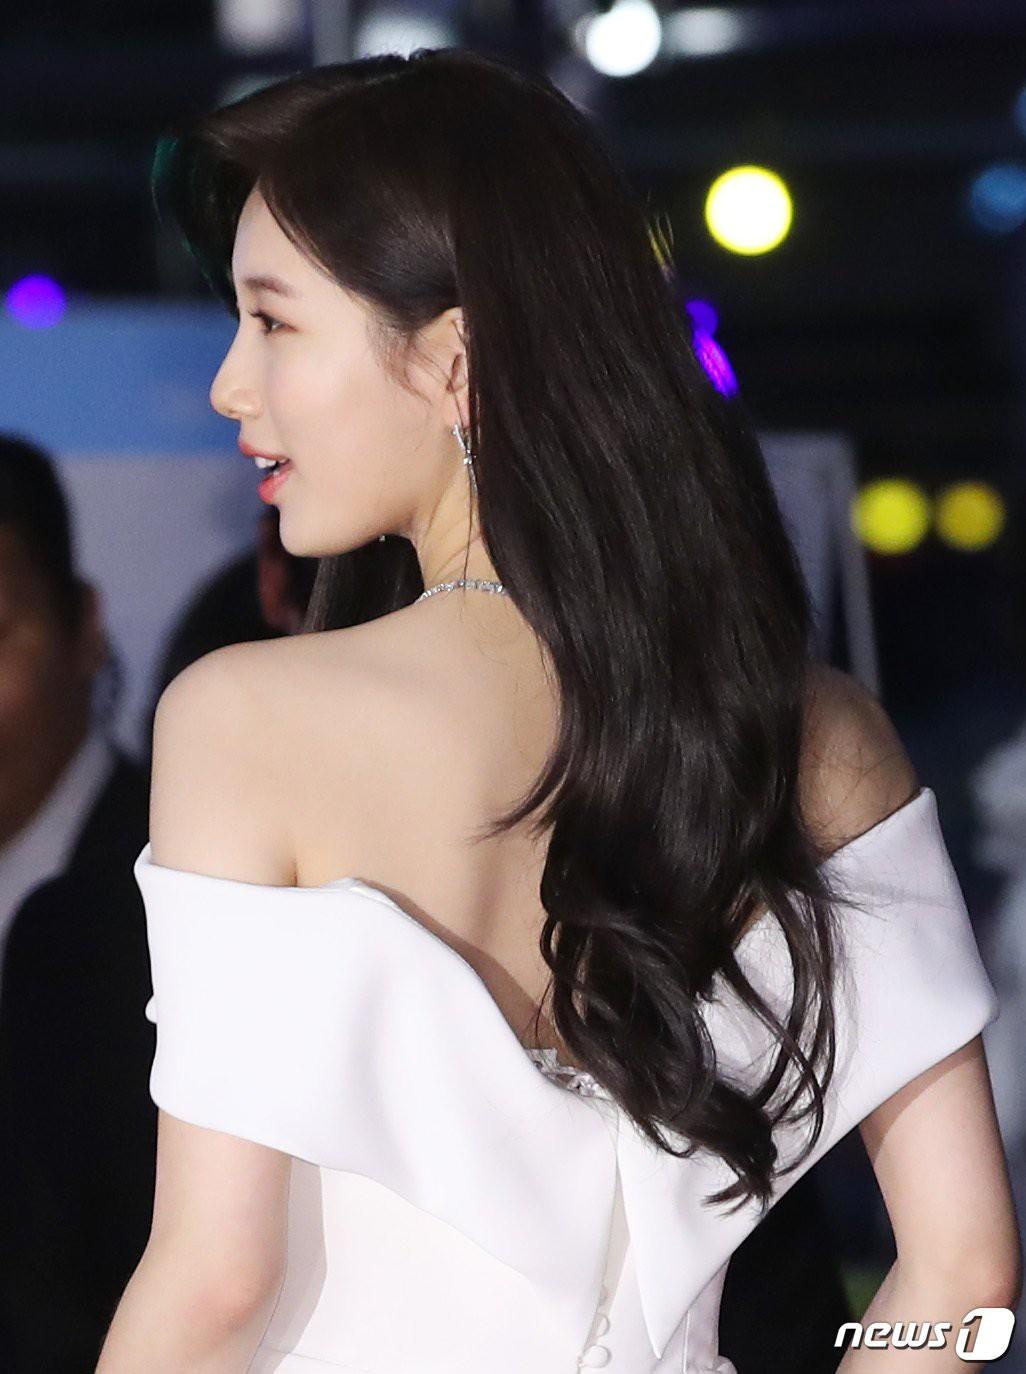 Hình hậu trường nóng hổi của Suzy tại Baeksang: Sải bước ở hầm để xe mà sang như bà hoàng, đẹp hơn cả đi thảm đỏ - Ảnh 34.